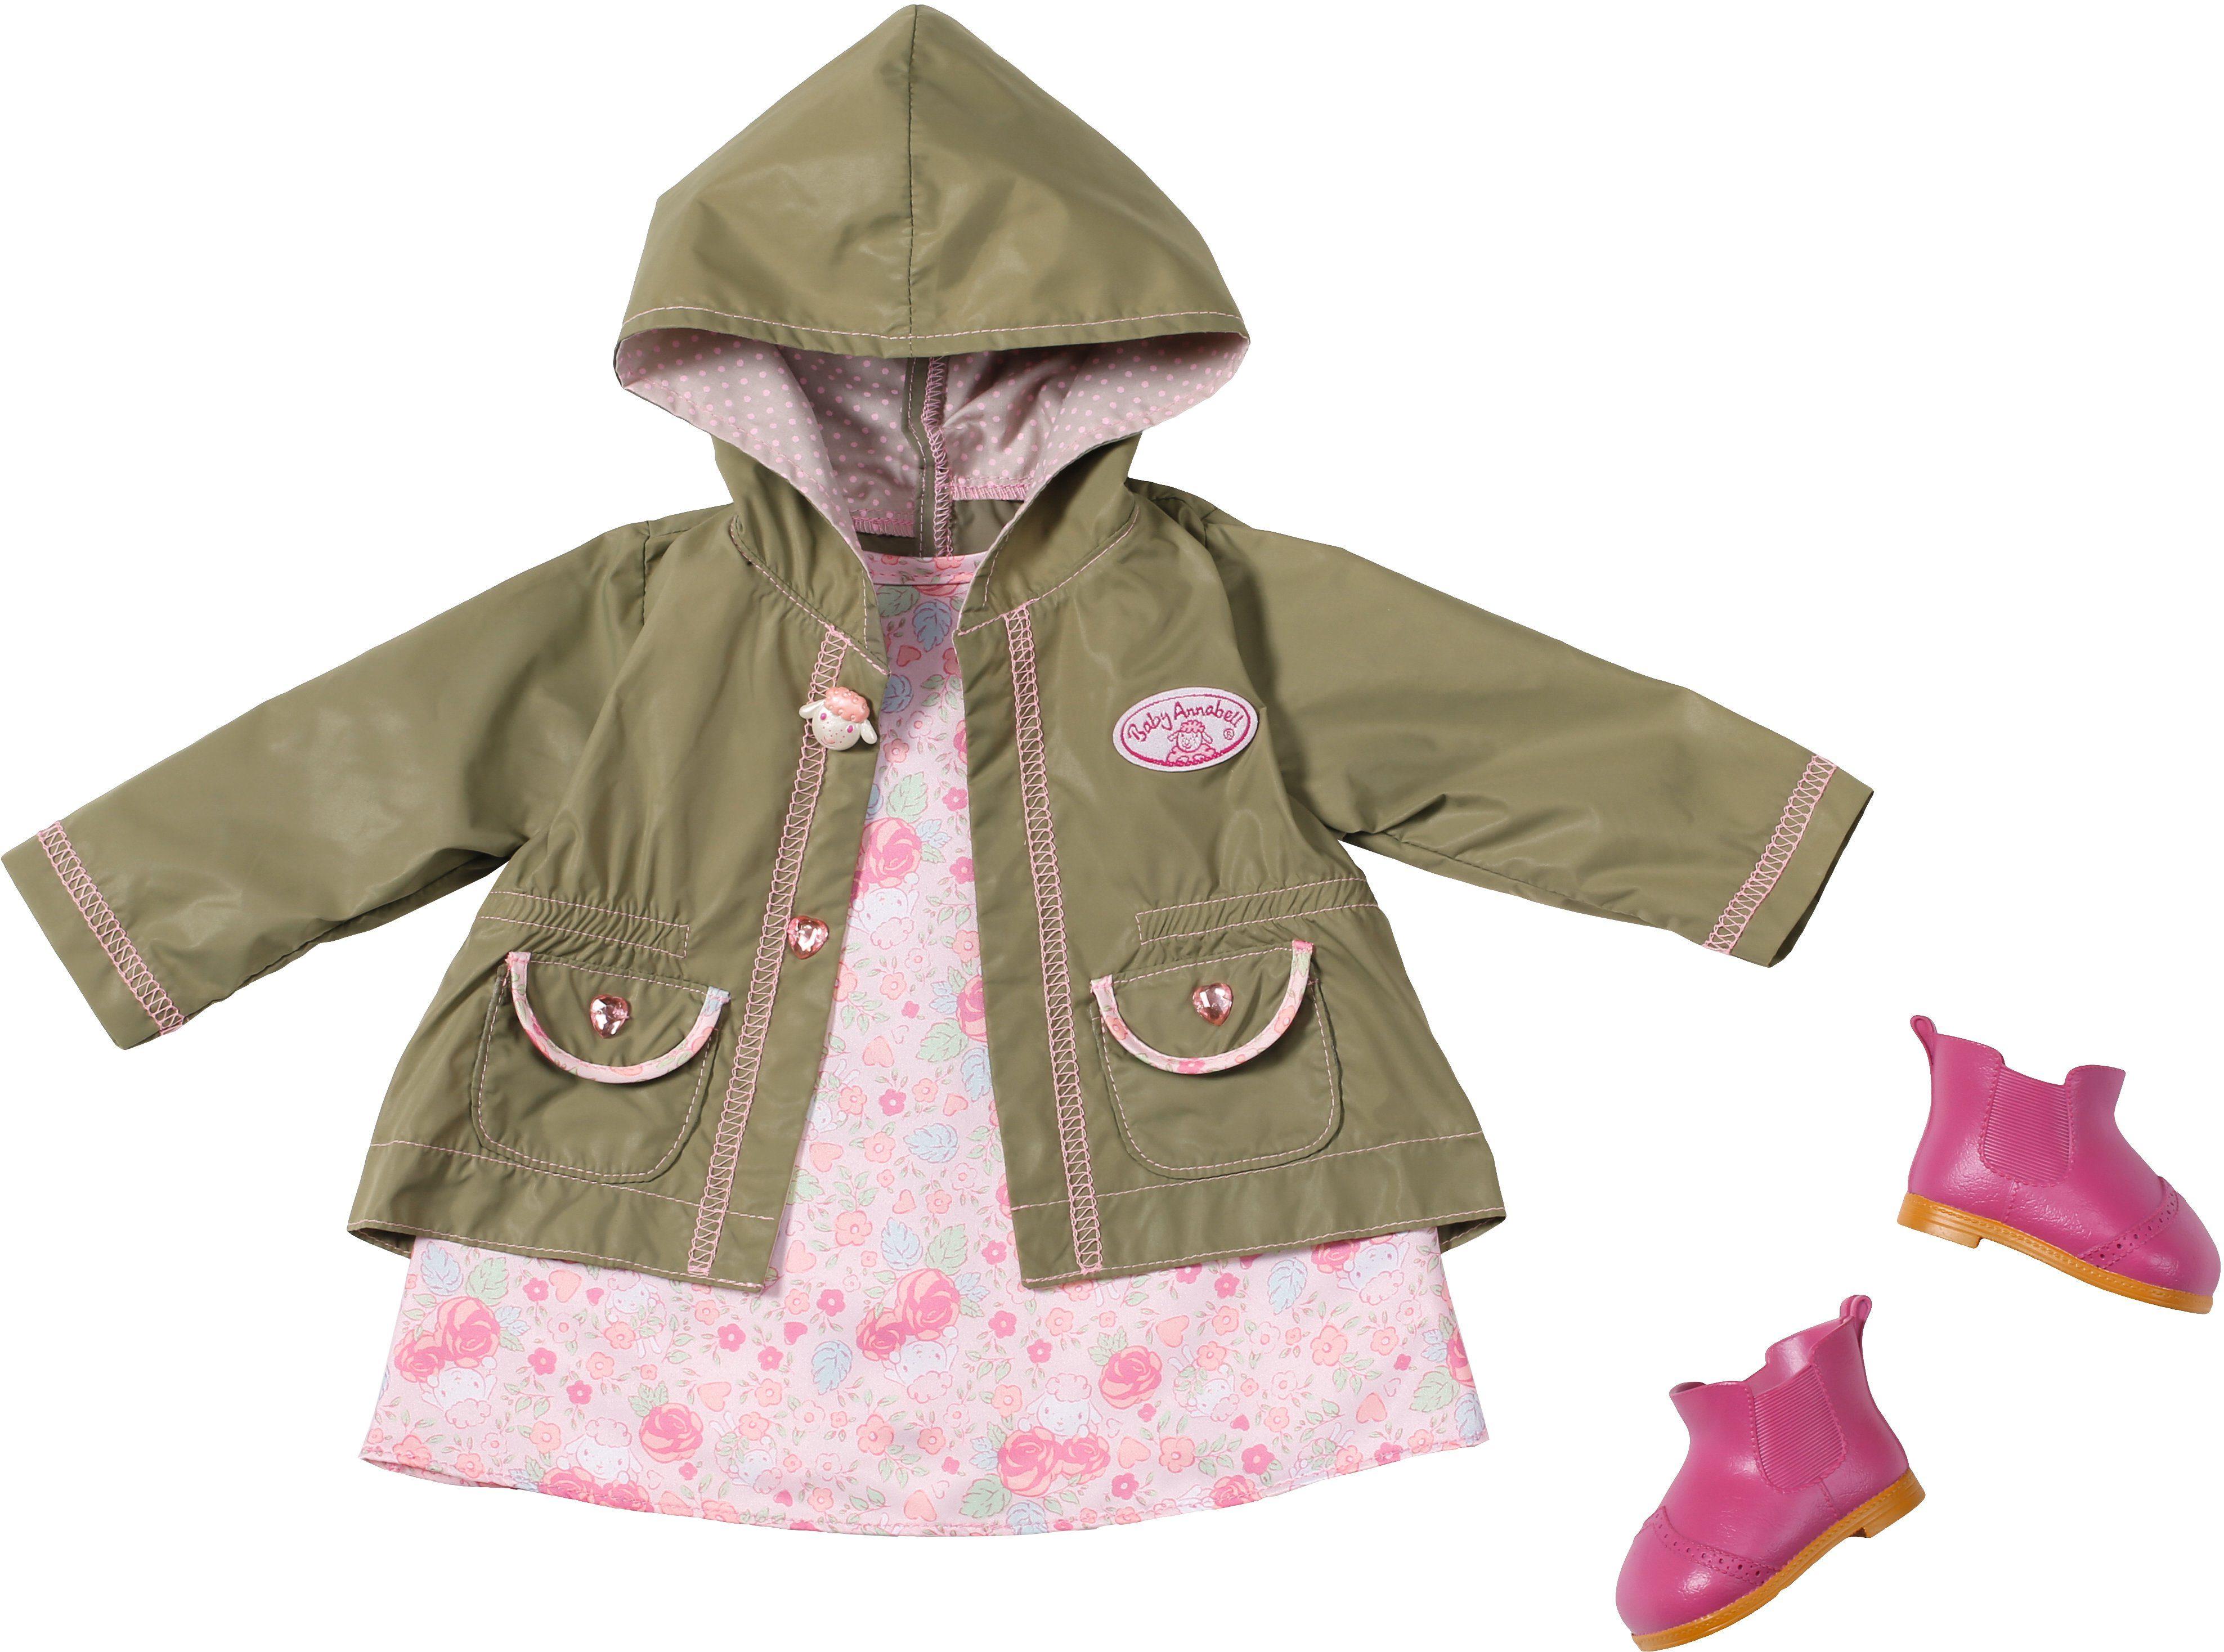 Zapf Creation Puppenkleidung Größe 46 cm, »Baby Annabell® Deluxe Set Outdoor Spaß«